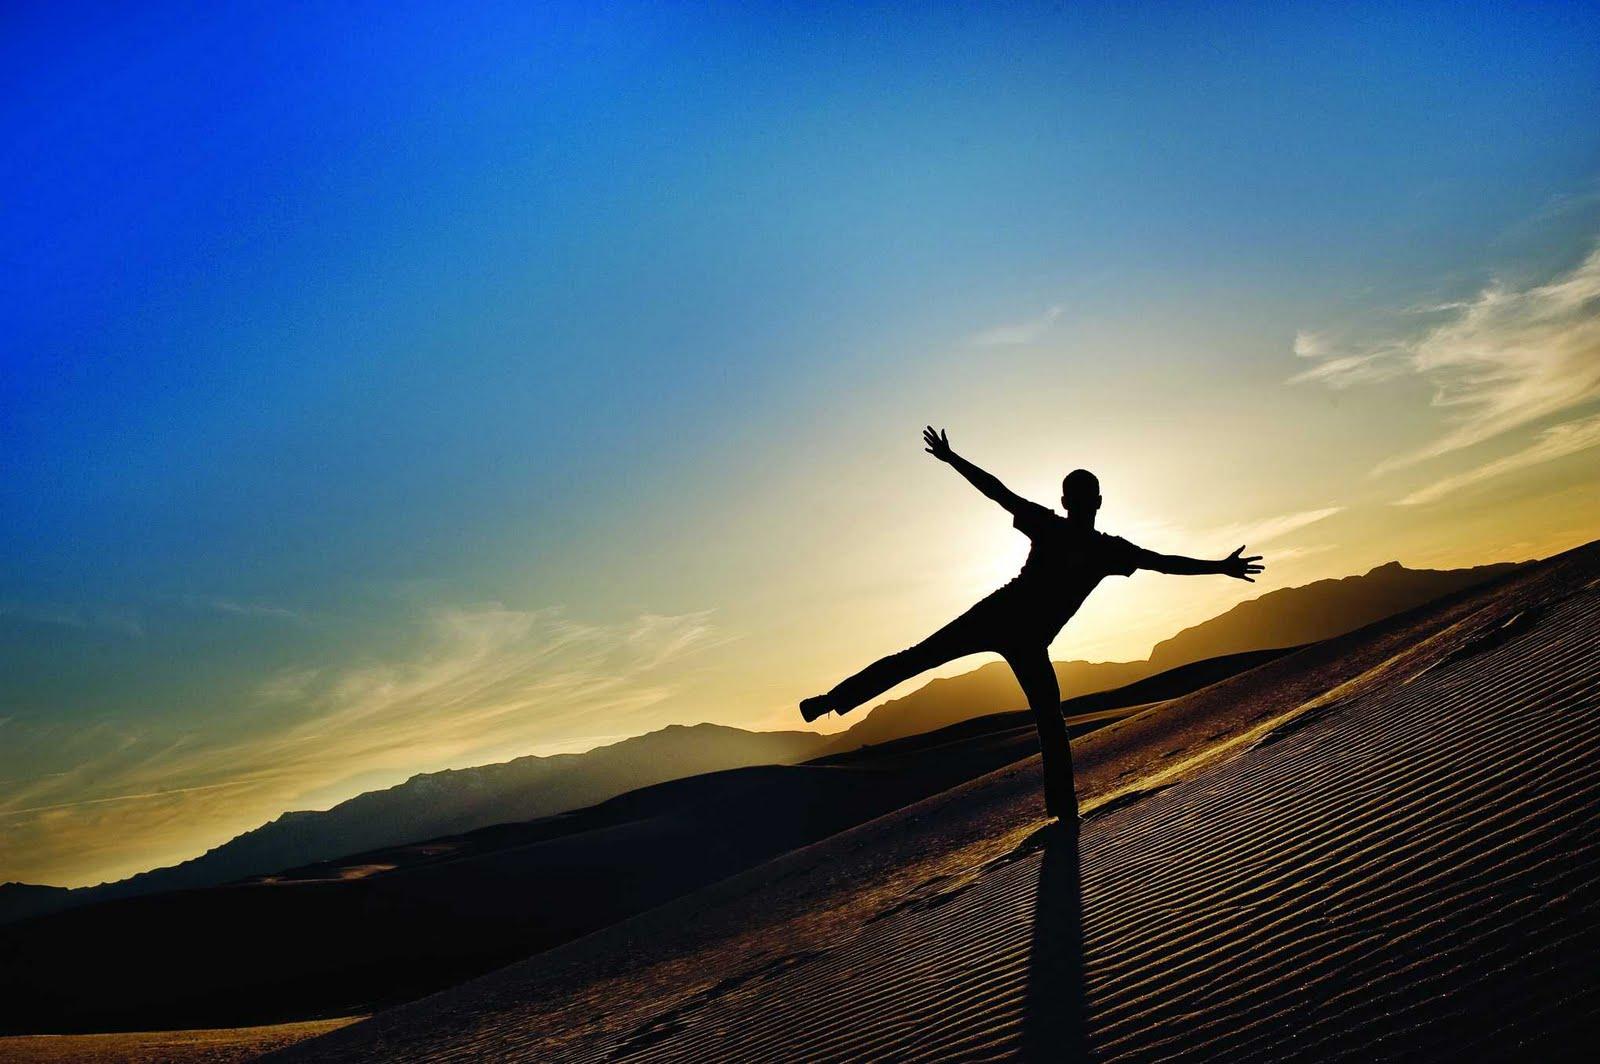 http://2.bp.blogspot.com/-jrXYo_2fBhU/TfthTRmaAlI/AAAAAAAAAkE/98Ug81Lo7iY/s1600/Yoga.jpg